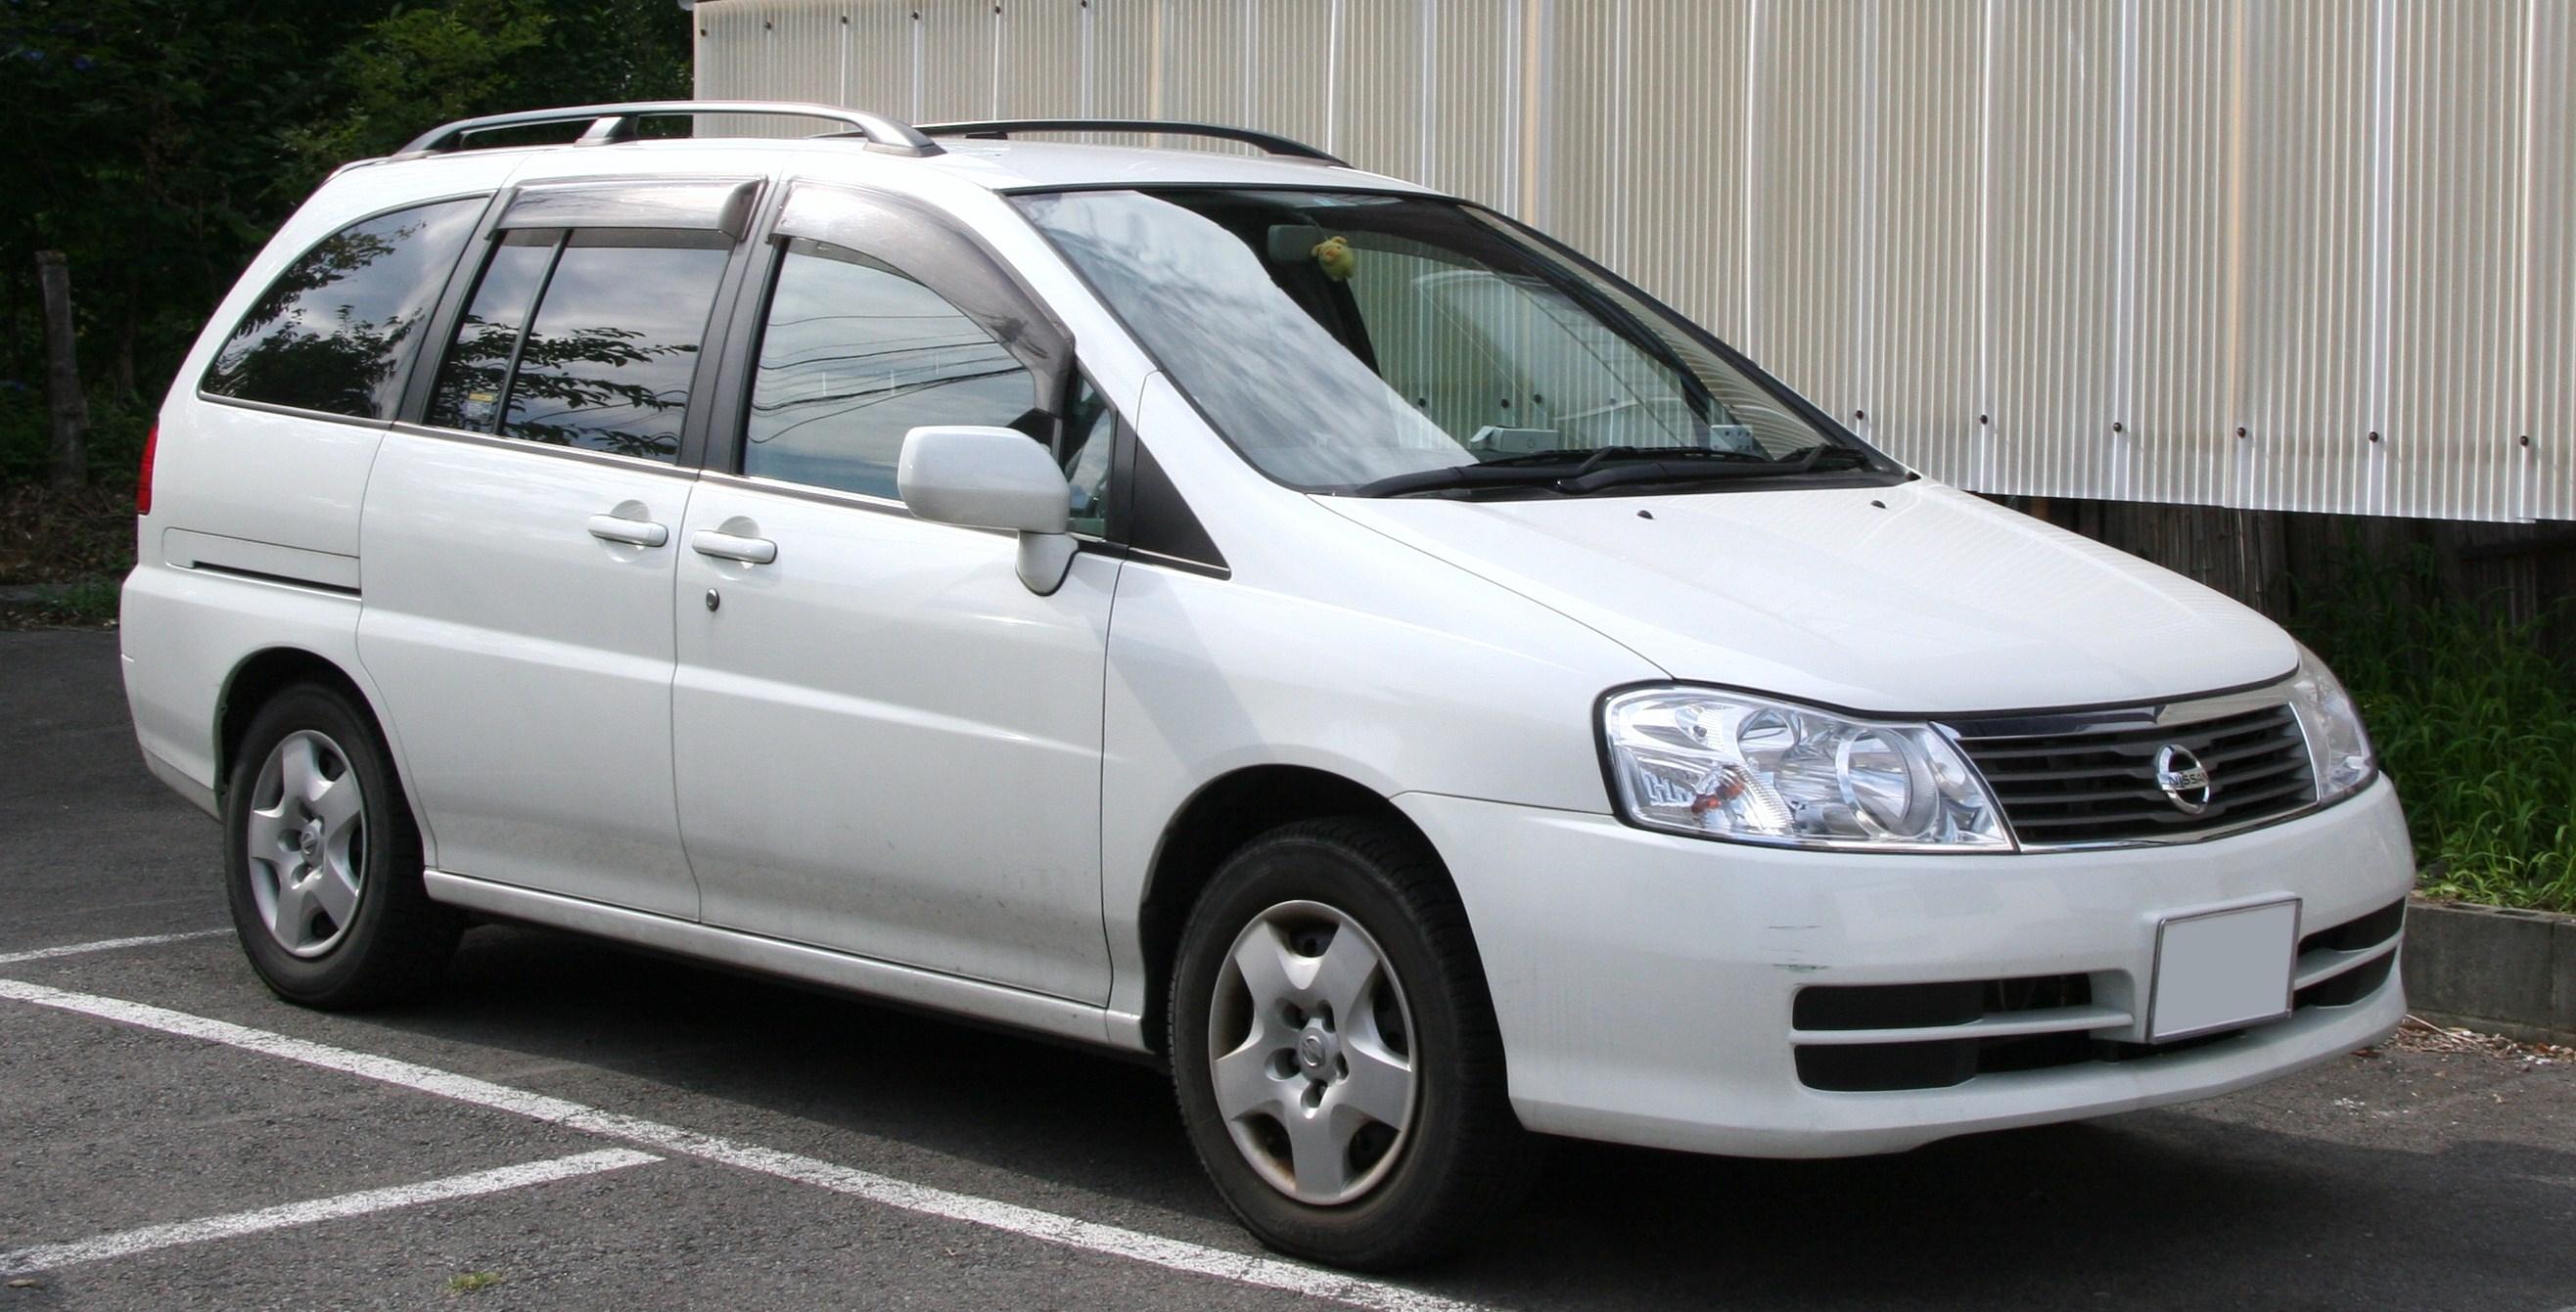 Nissan Liberty 1998 - 2004 Compact MPV #2